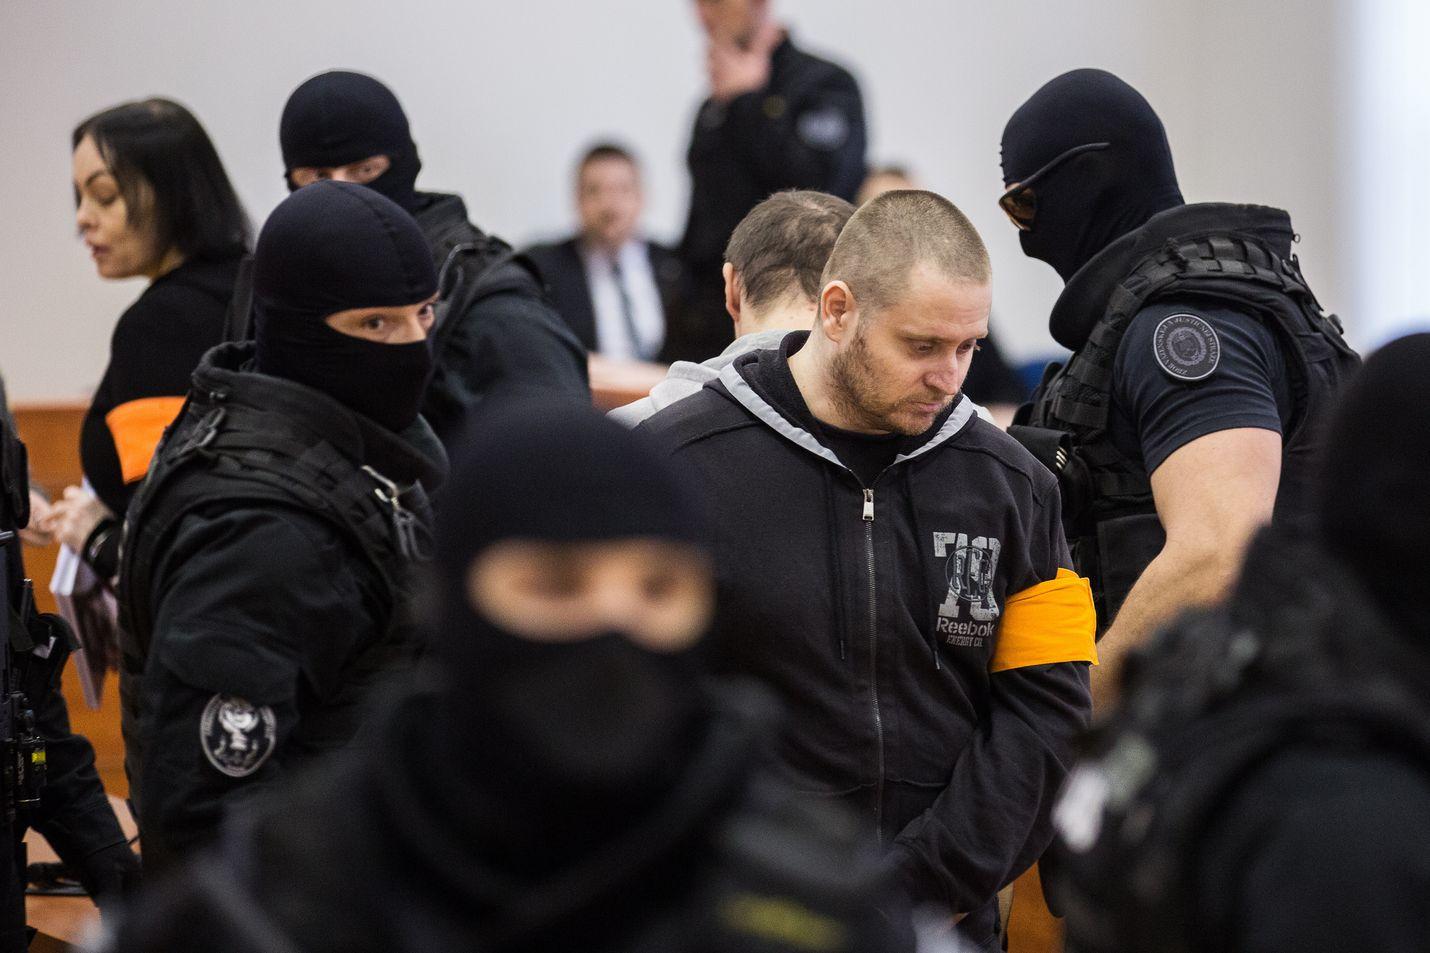 Miros Marcek (keskellä) saapui pääoikeudenkäynnin avausistuntoon Slovakian Pezinokissa maanantaina. Marcekia ja kolmea muuta syytetään toimittaja Jan Kuciakin ja tämän morsiamen Martina Kusnirovan murhasta. Pari löydettiin kuolleina 26.2.2018.